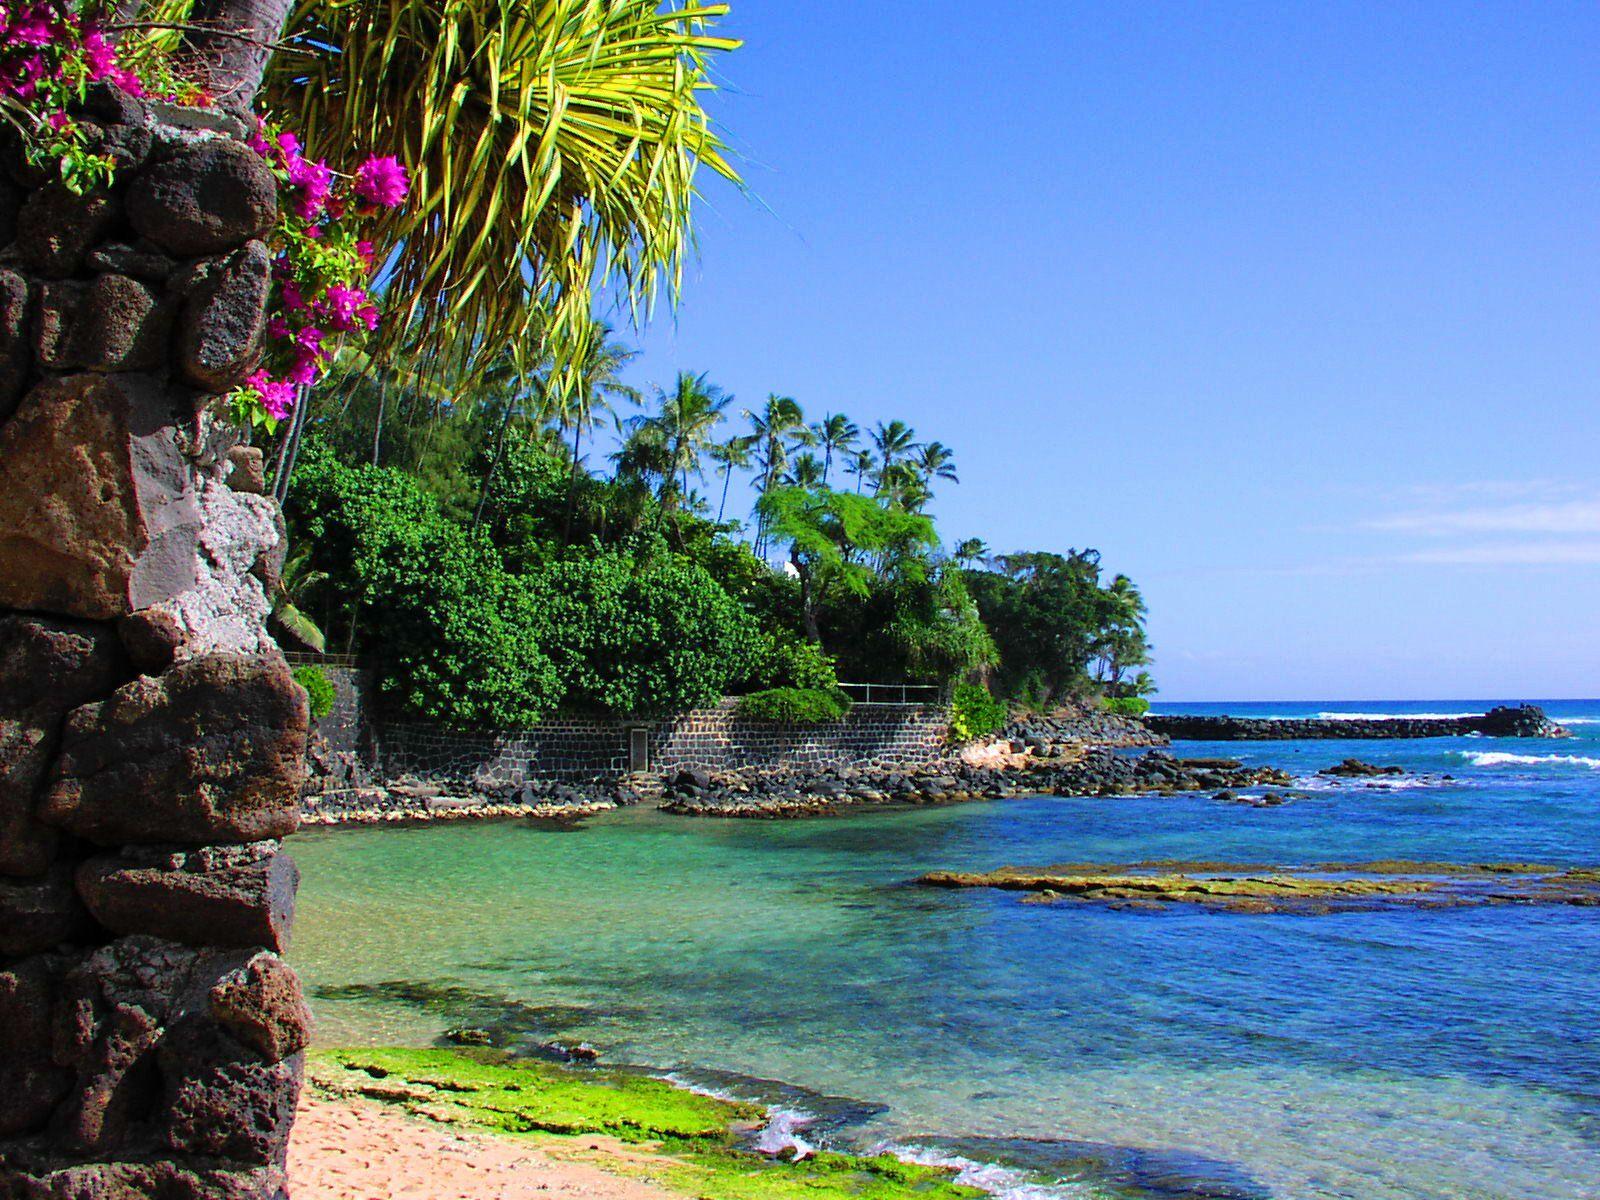 Unforgettable Hawaii! www.hawaii-all-inclusive.net #Hawaii #Oahu #hawaiivacation #hawaiibeaches #hawaiiallinclusive